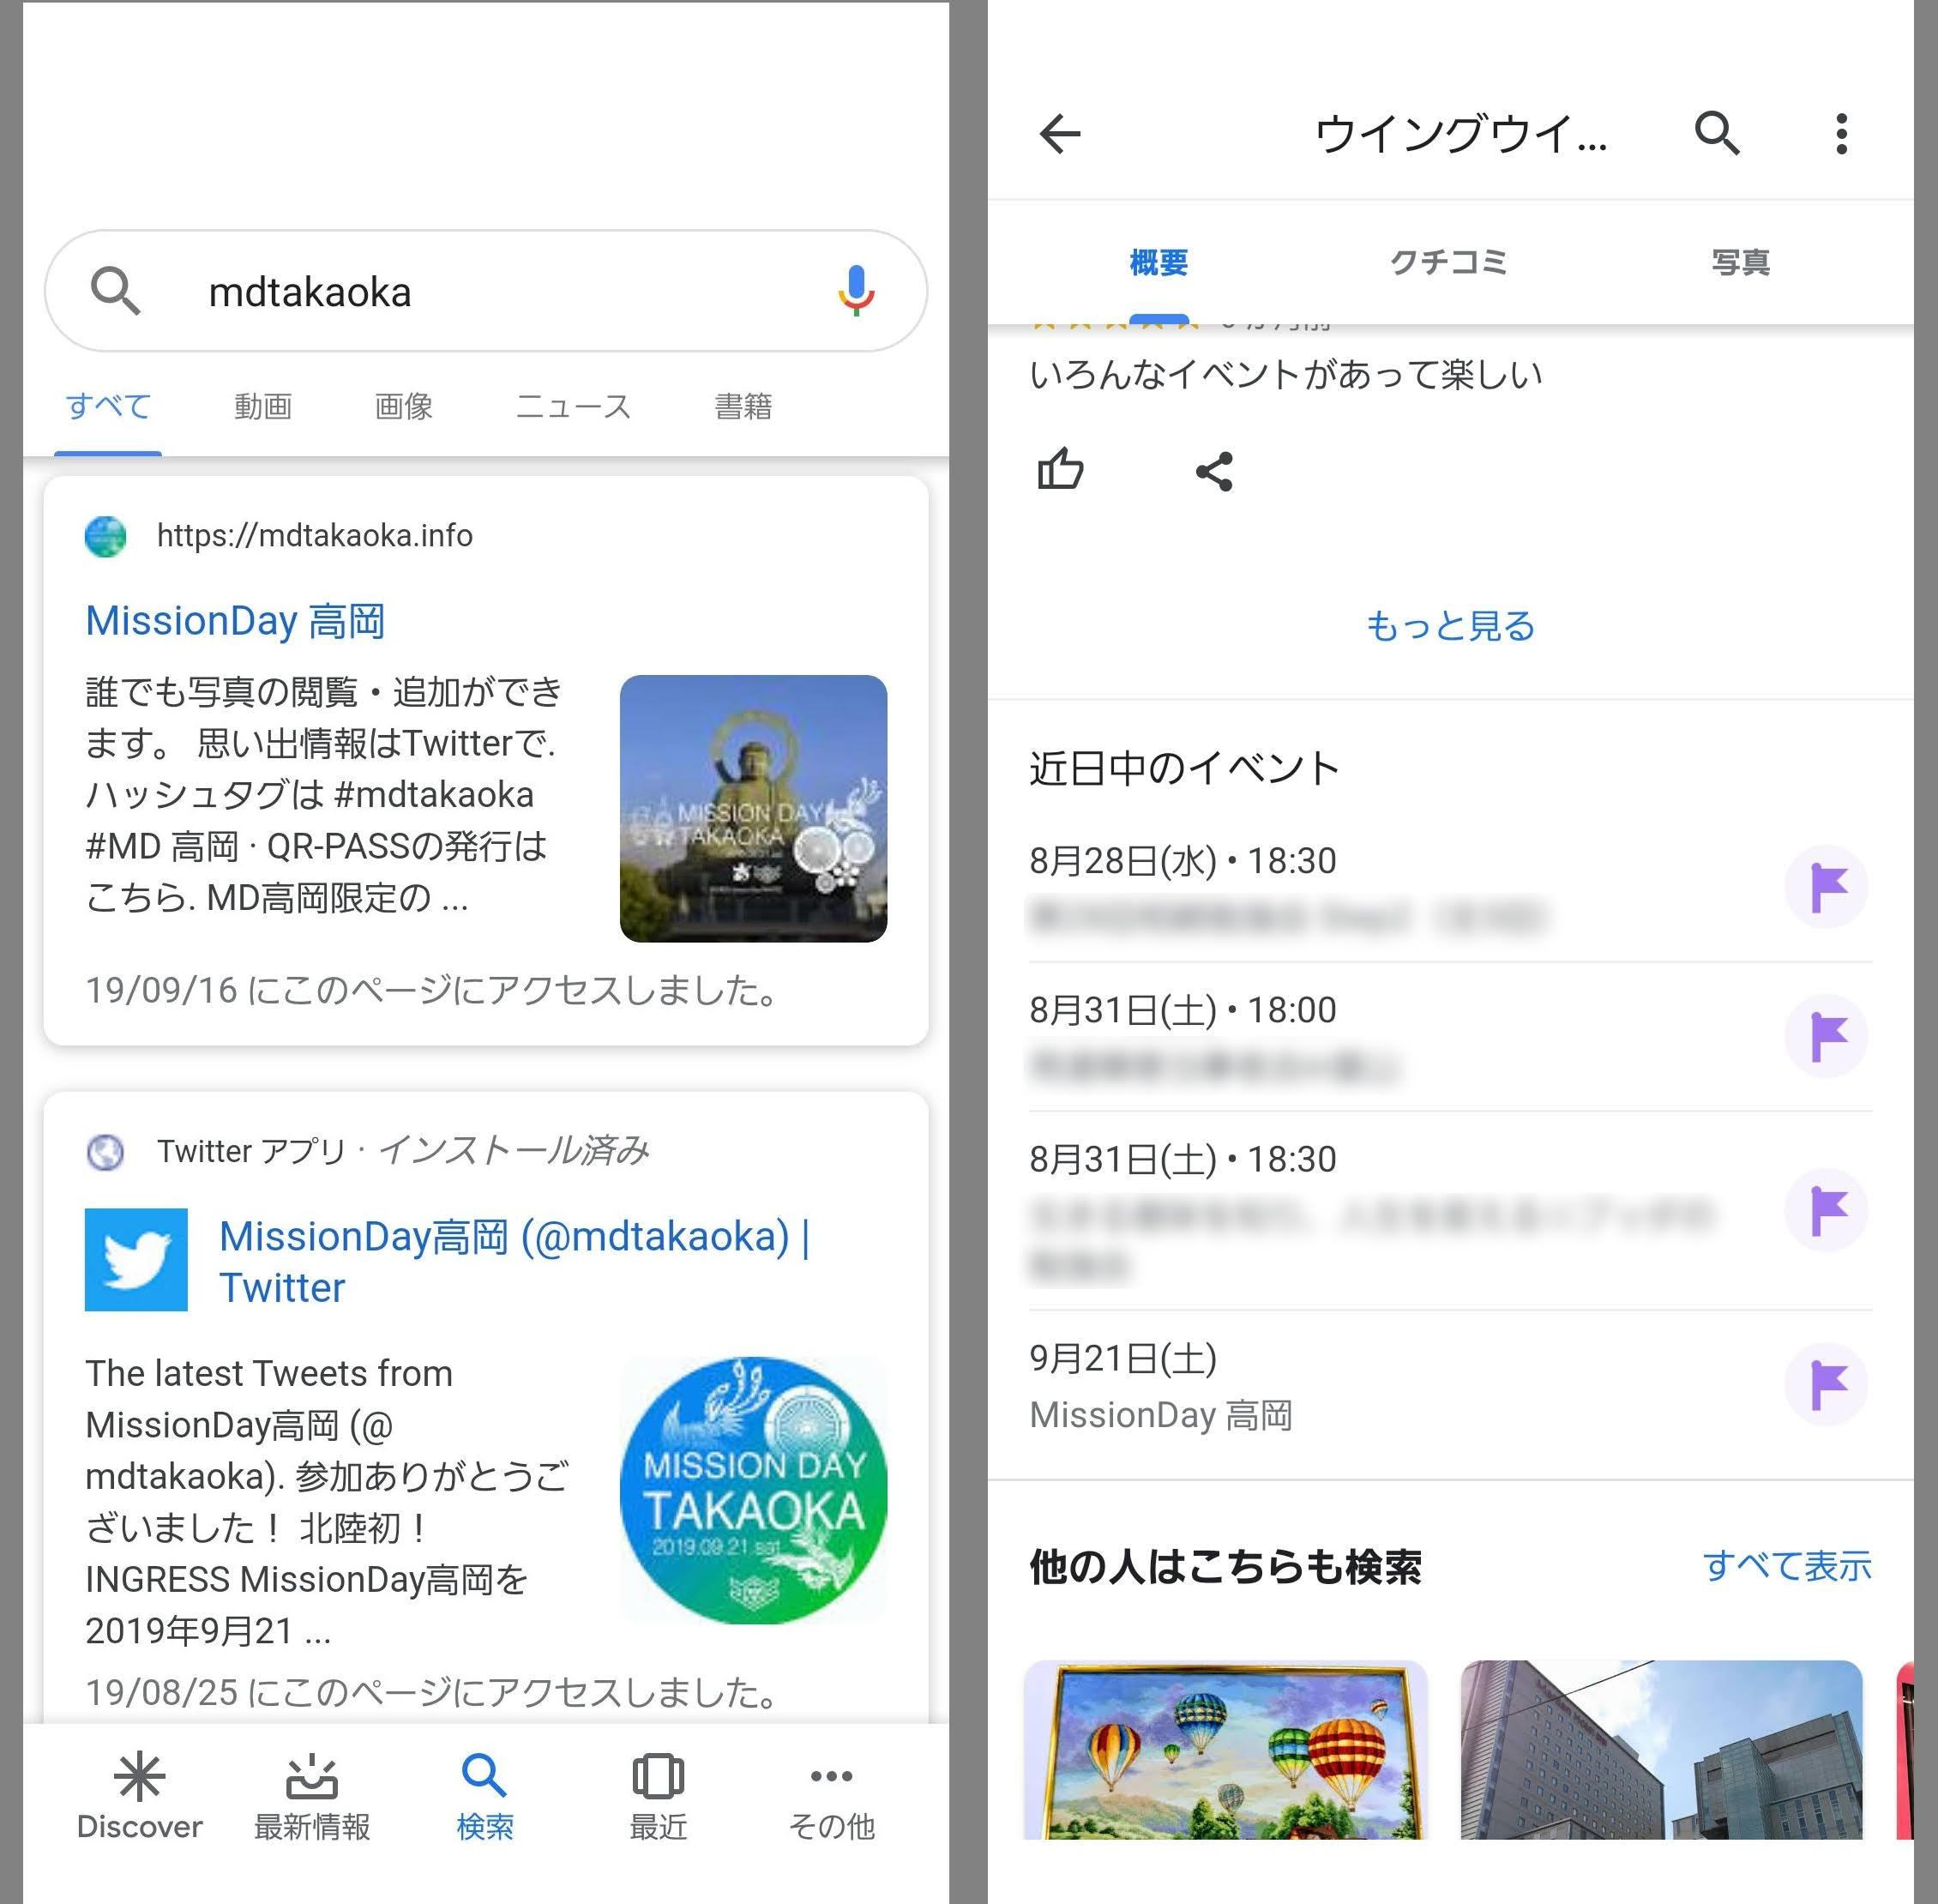 Screenshot_20190926-181535_Google.jpg